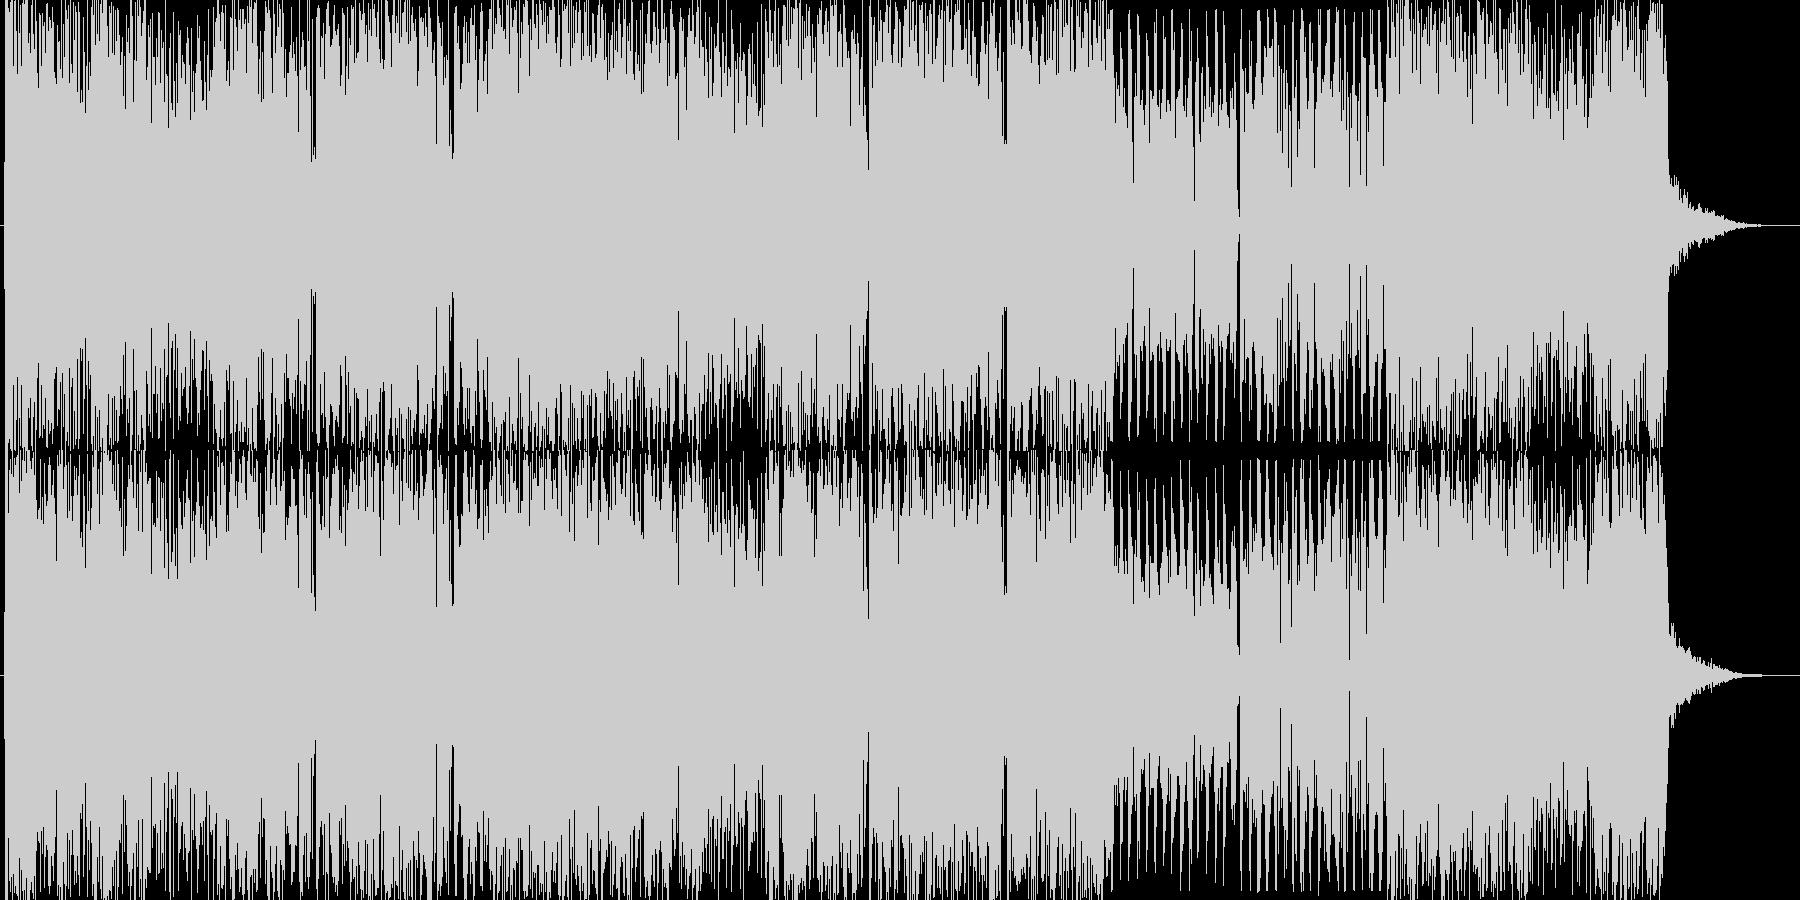 とにかく激しいエレクトロな曲ハーフverの未再生の波形